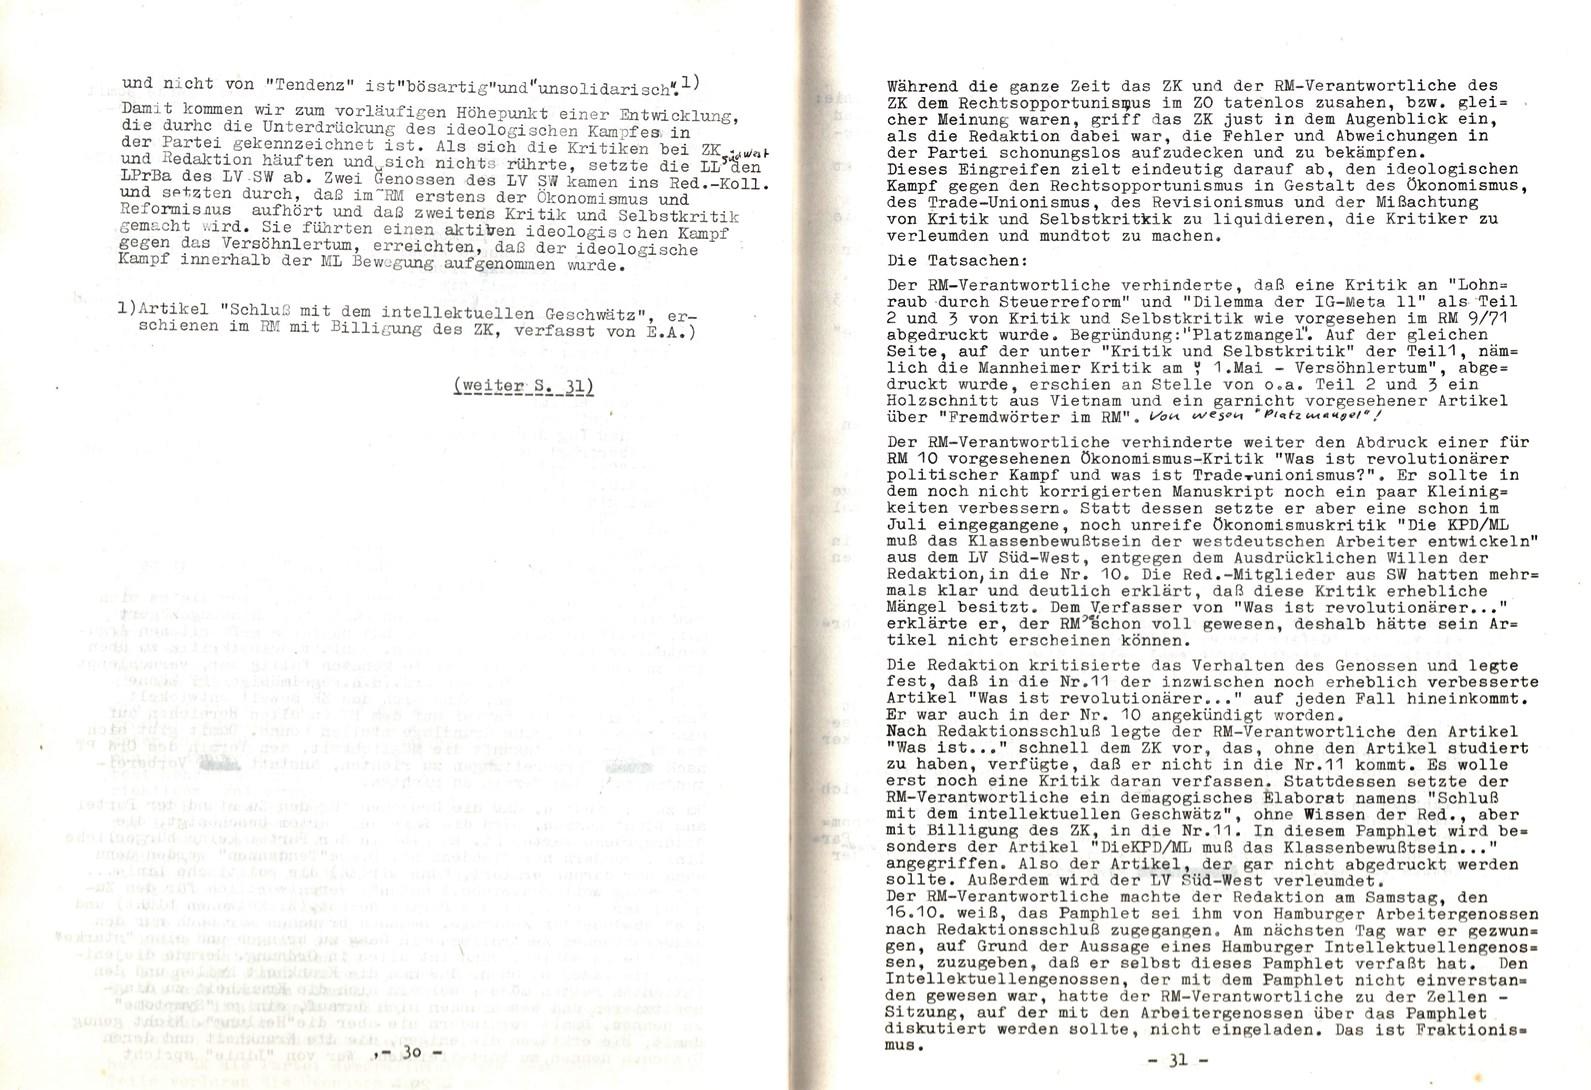 KPDML_1971_Analysen_und_Antraege_des_LV_Sued_West_021